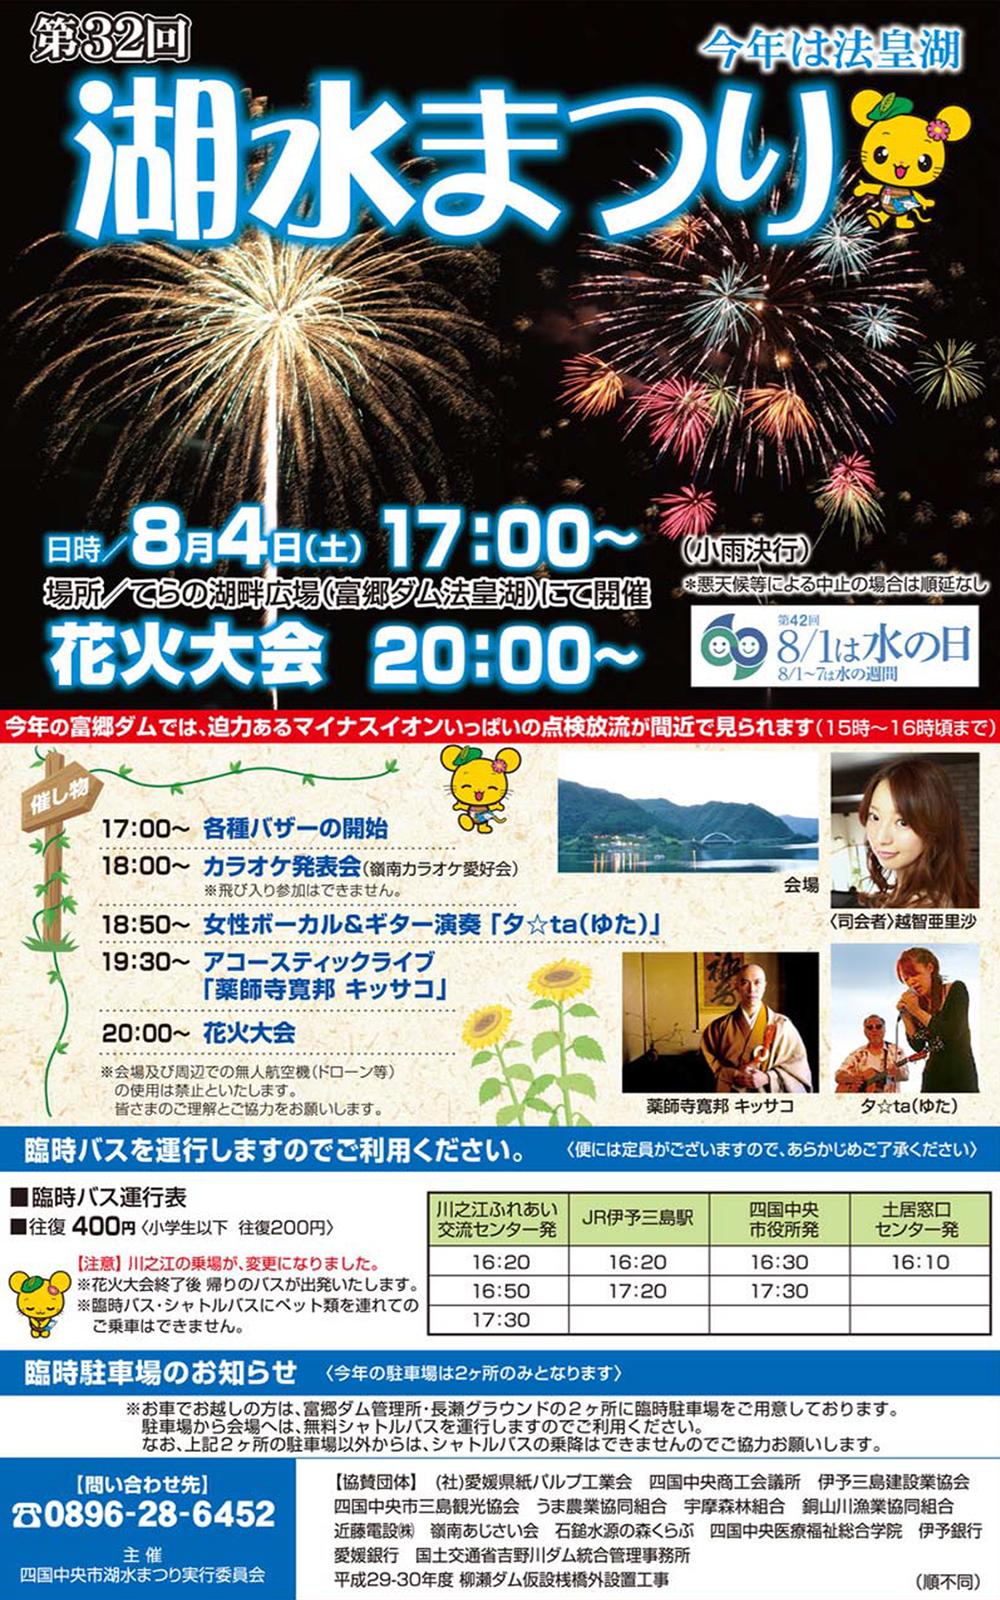 8/4(土)【愛媛】第32回湖水まつり